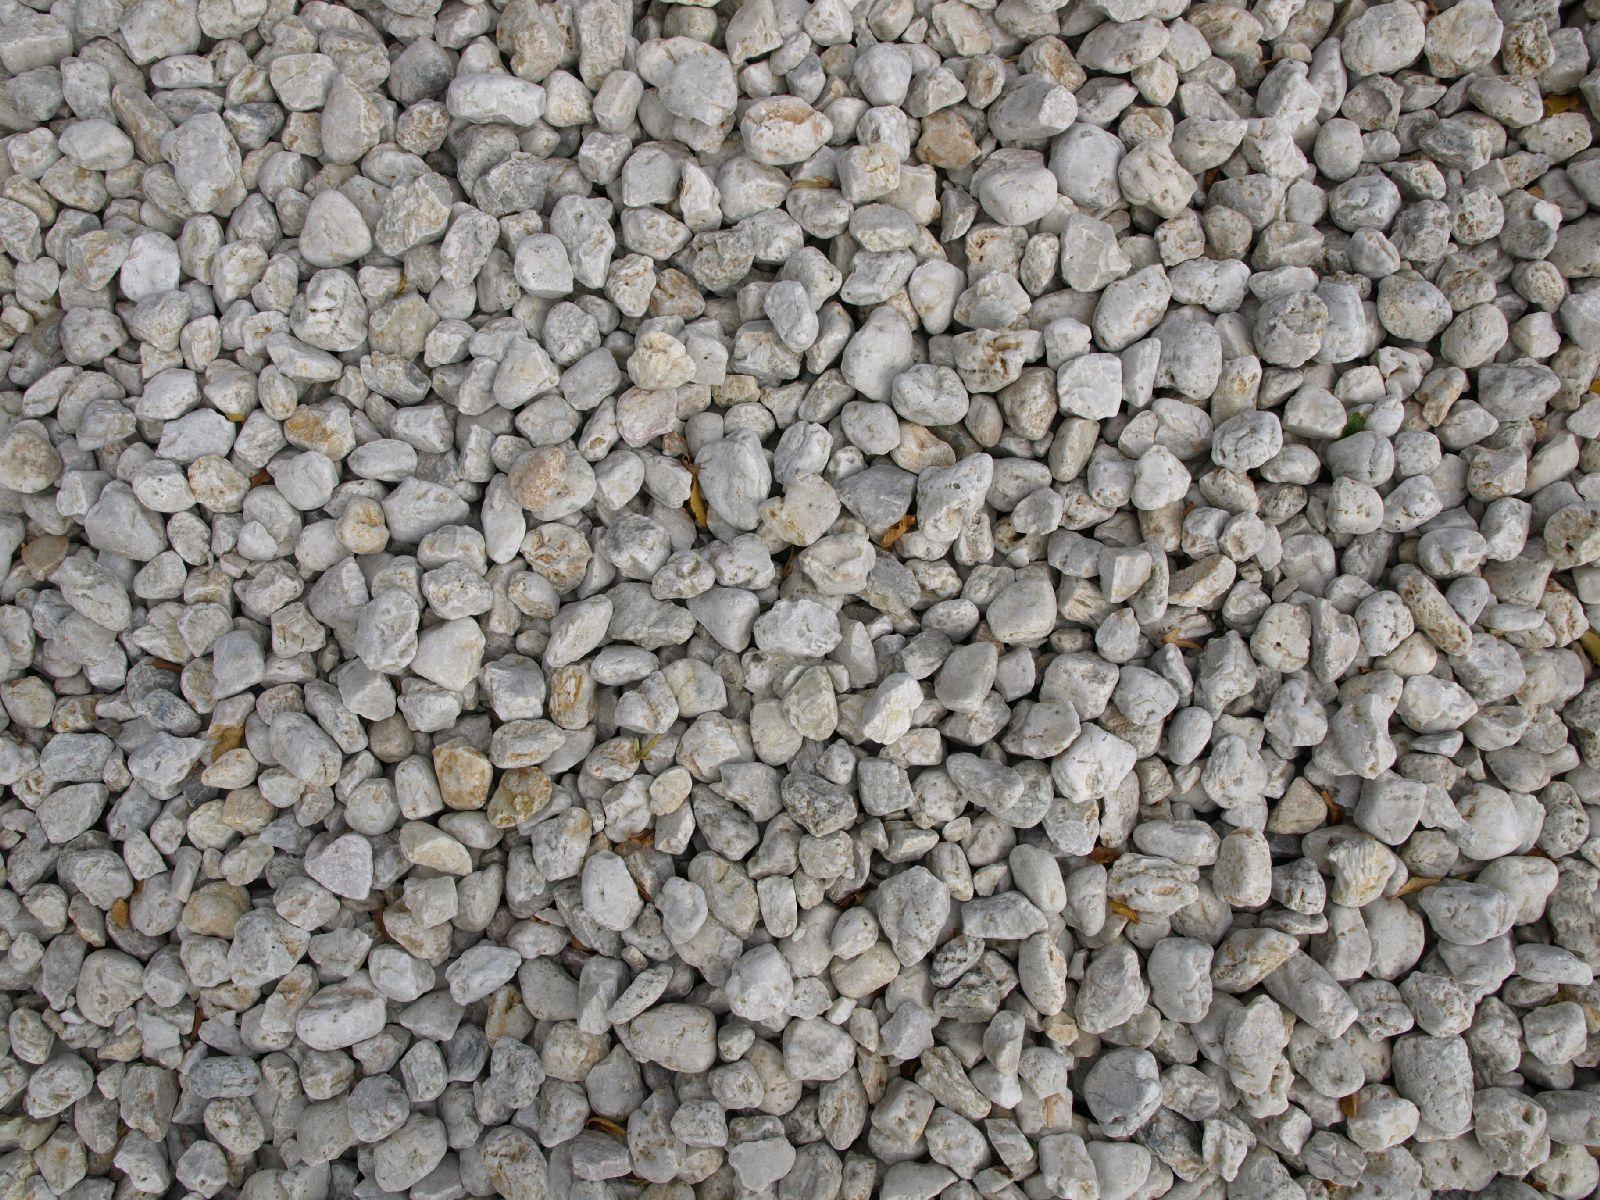 Ground-Urban_Texture_A_P9014717